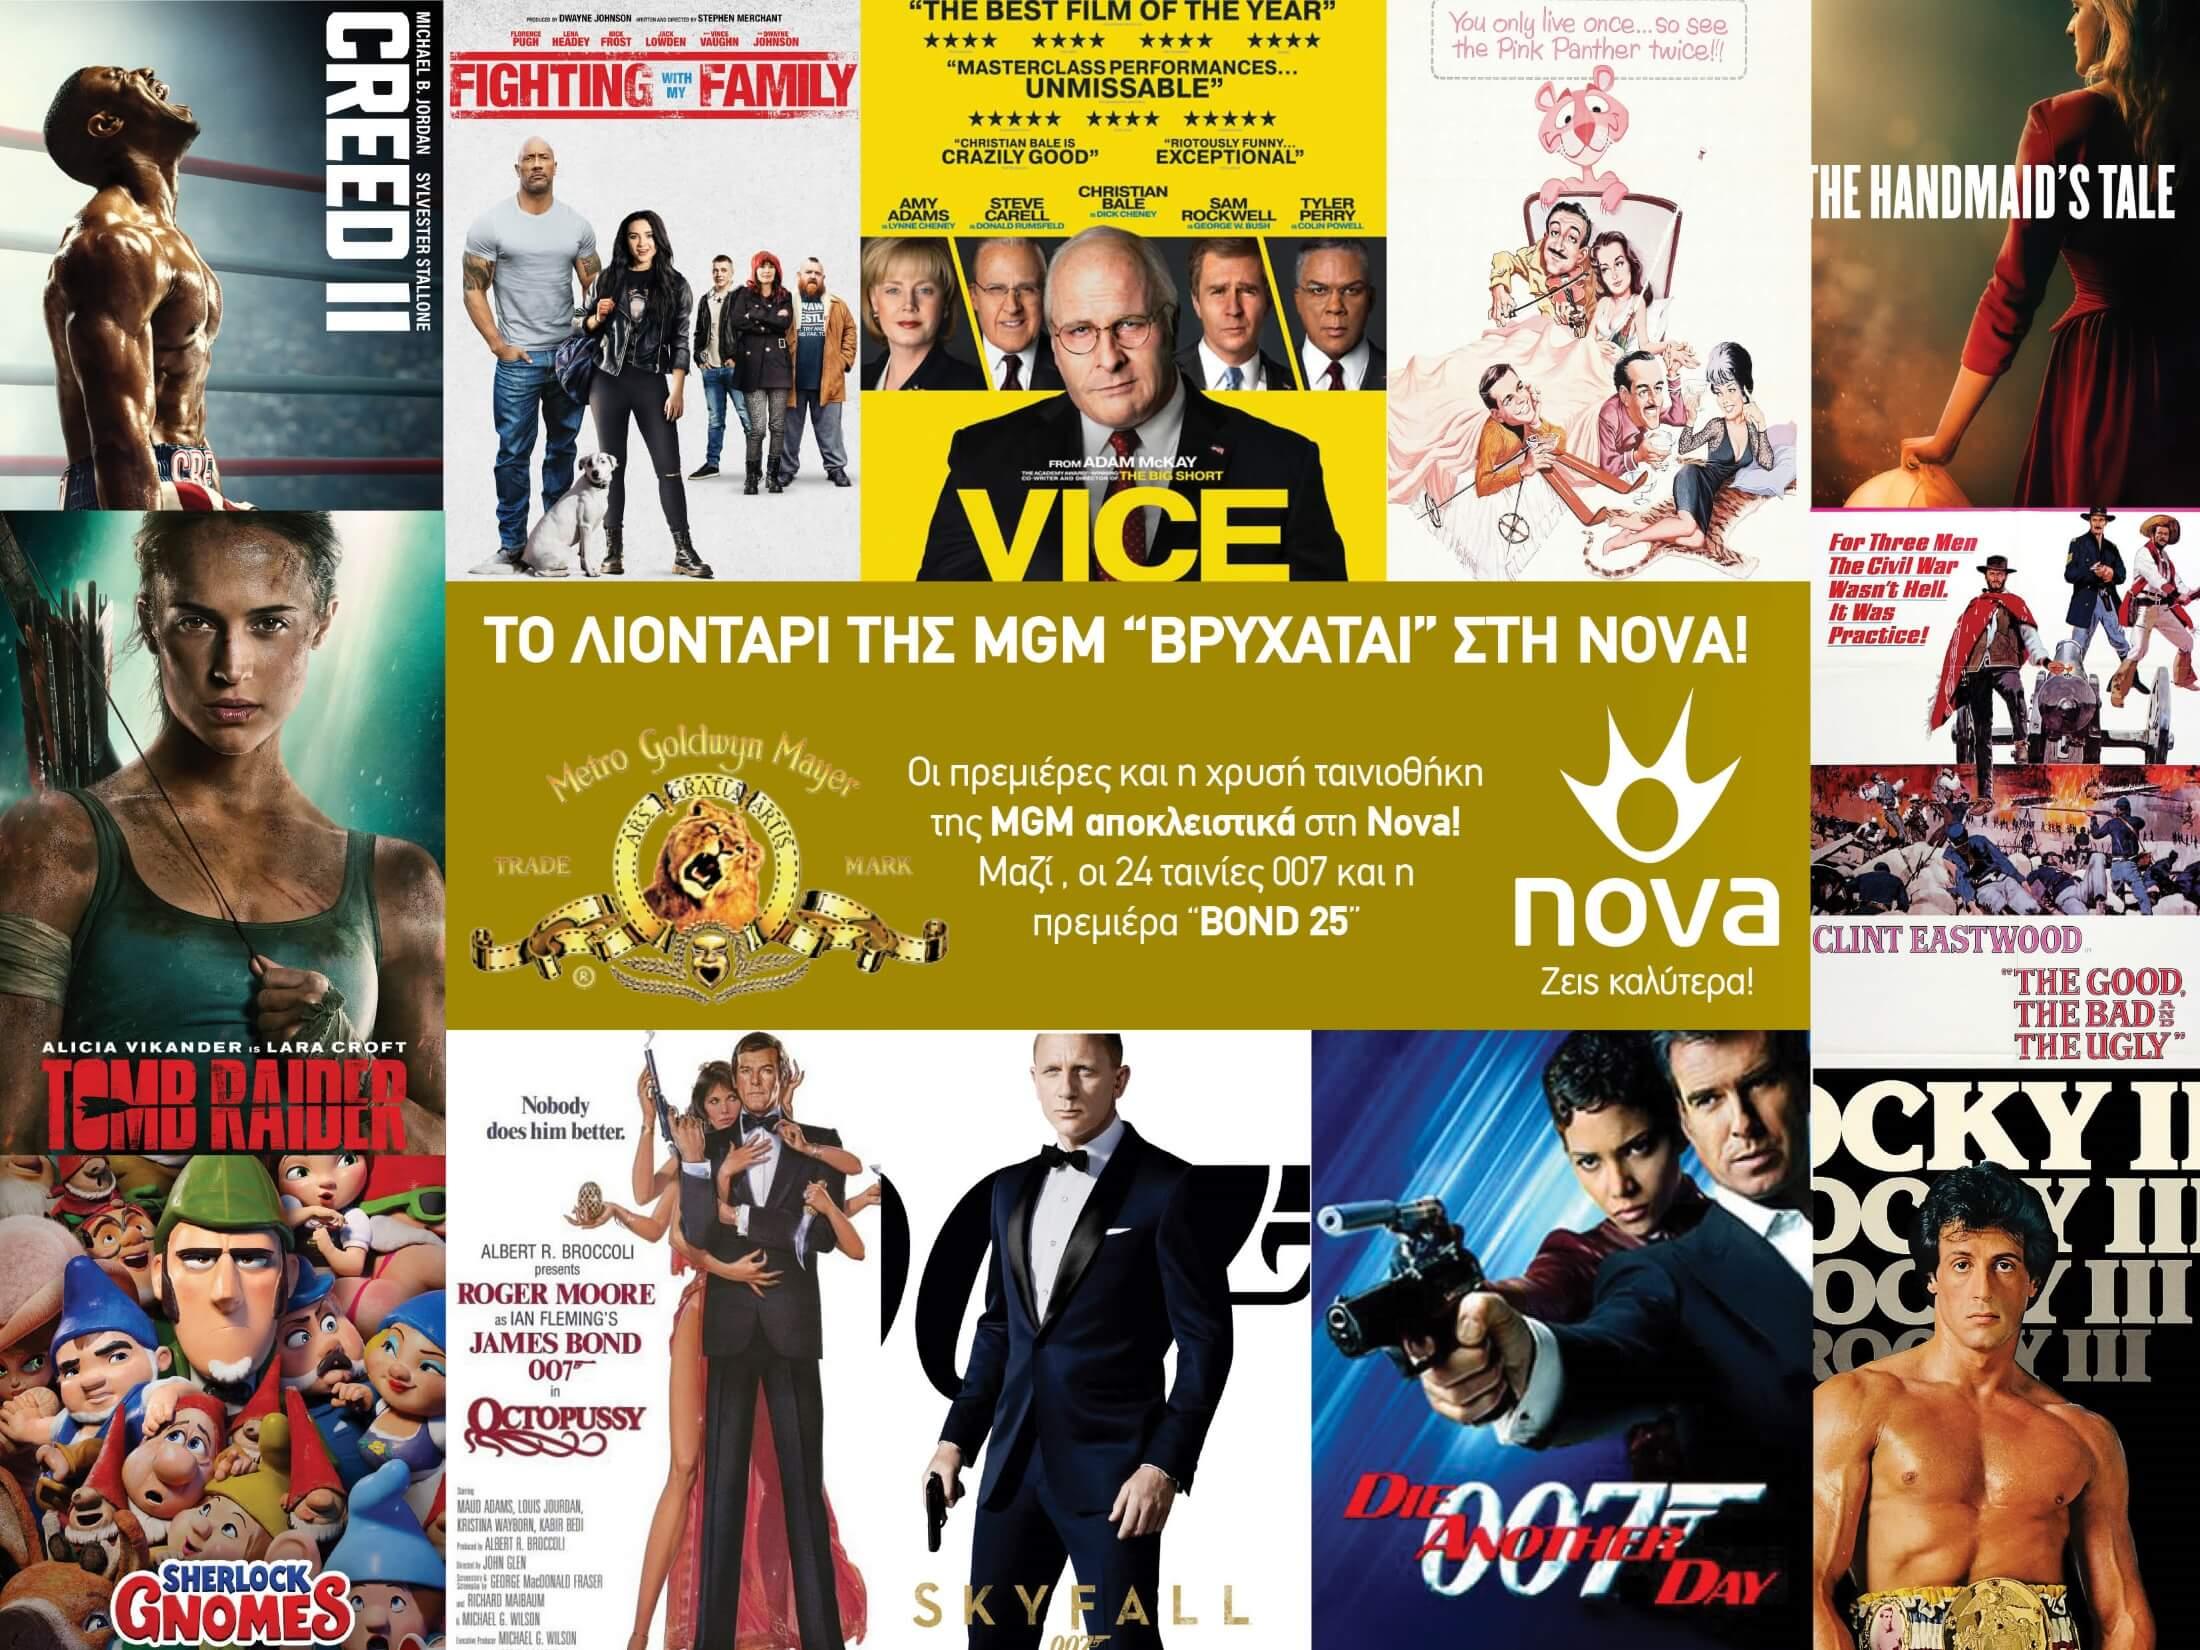 Αποκλειστική συμφωνία της Nova με την Metro Goldwyn Mayer | Newsit.gr